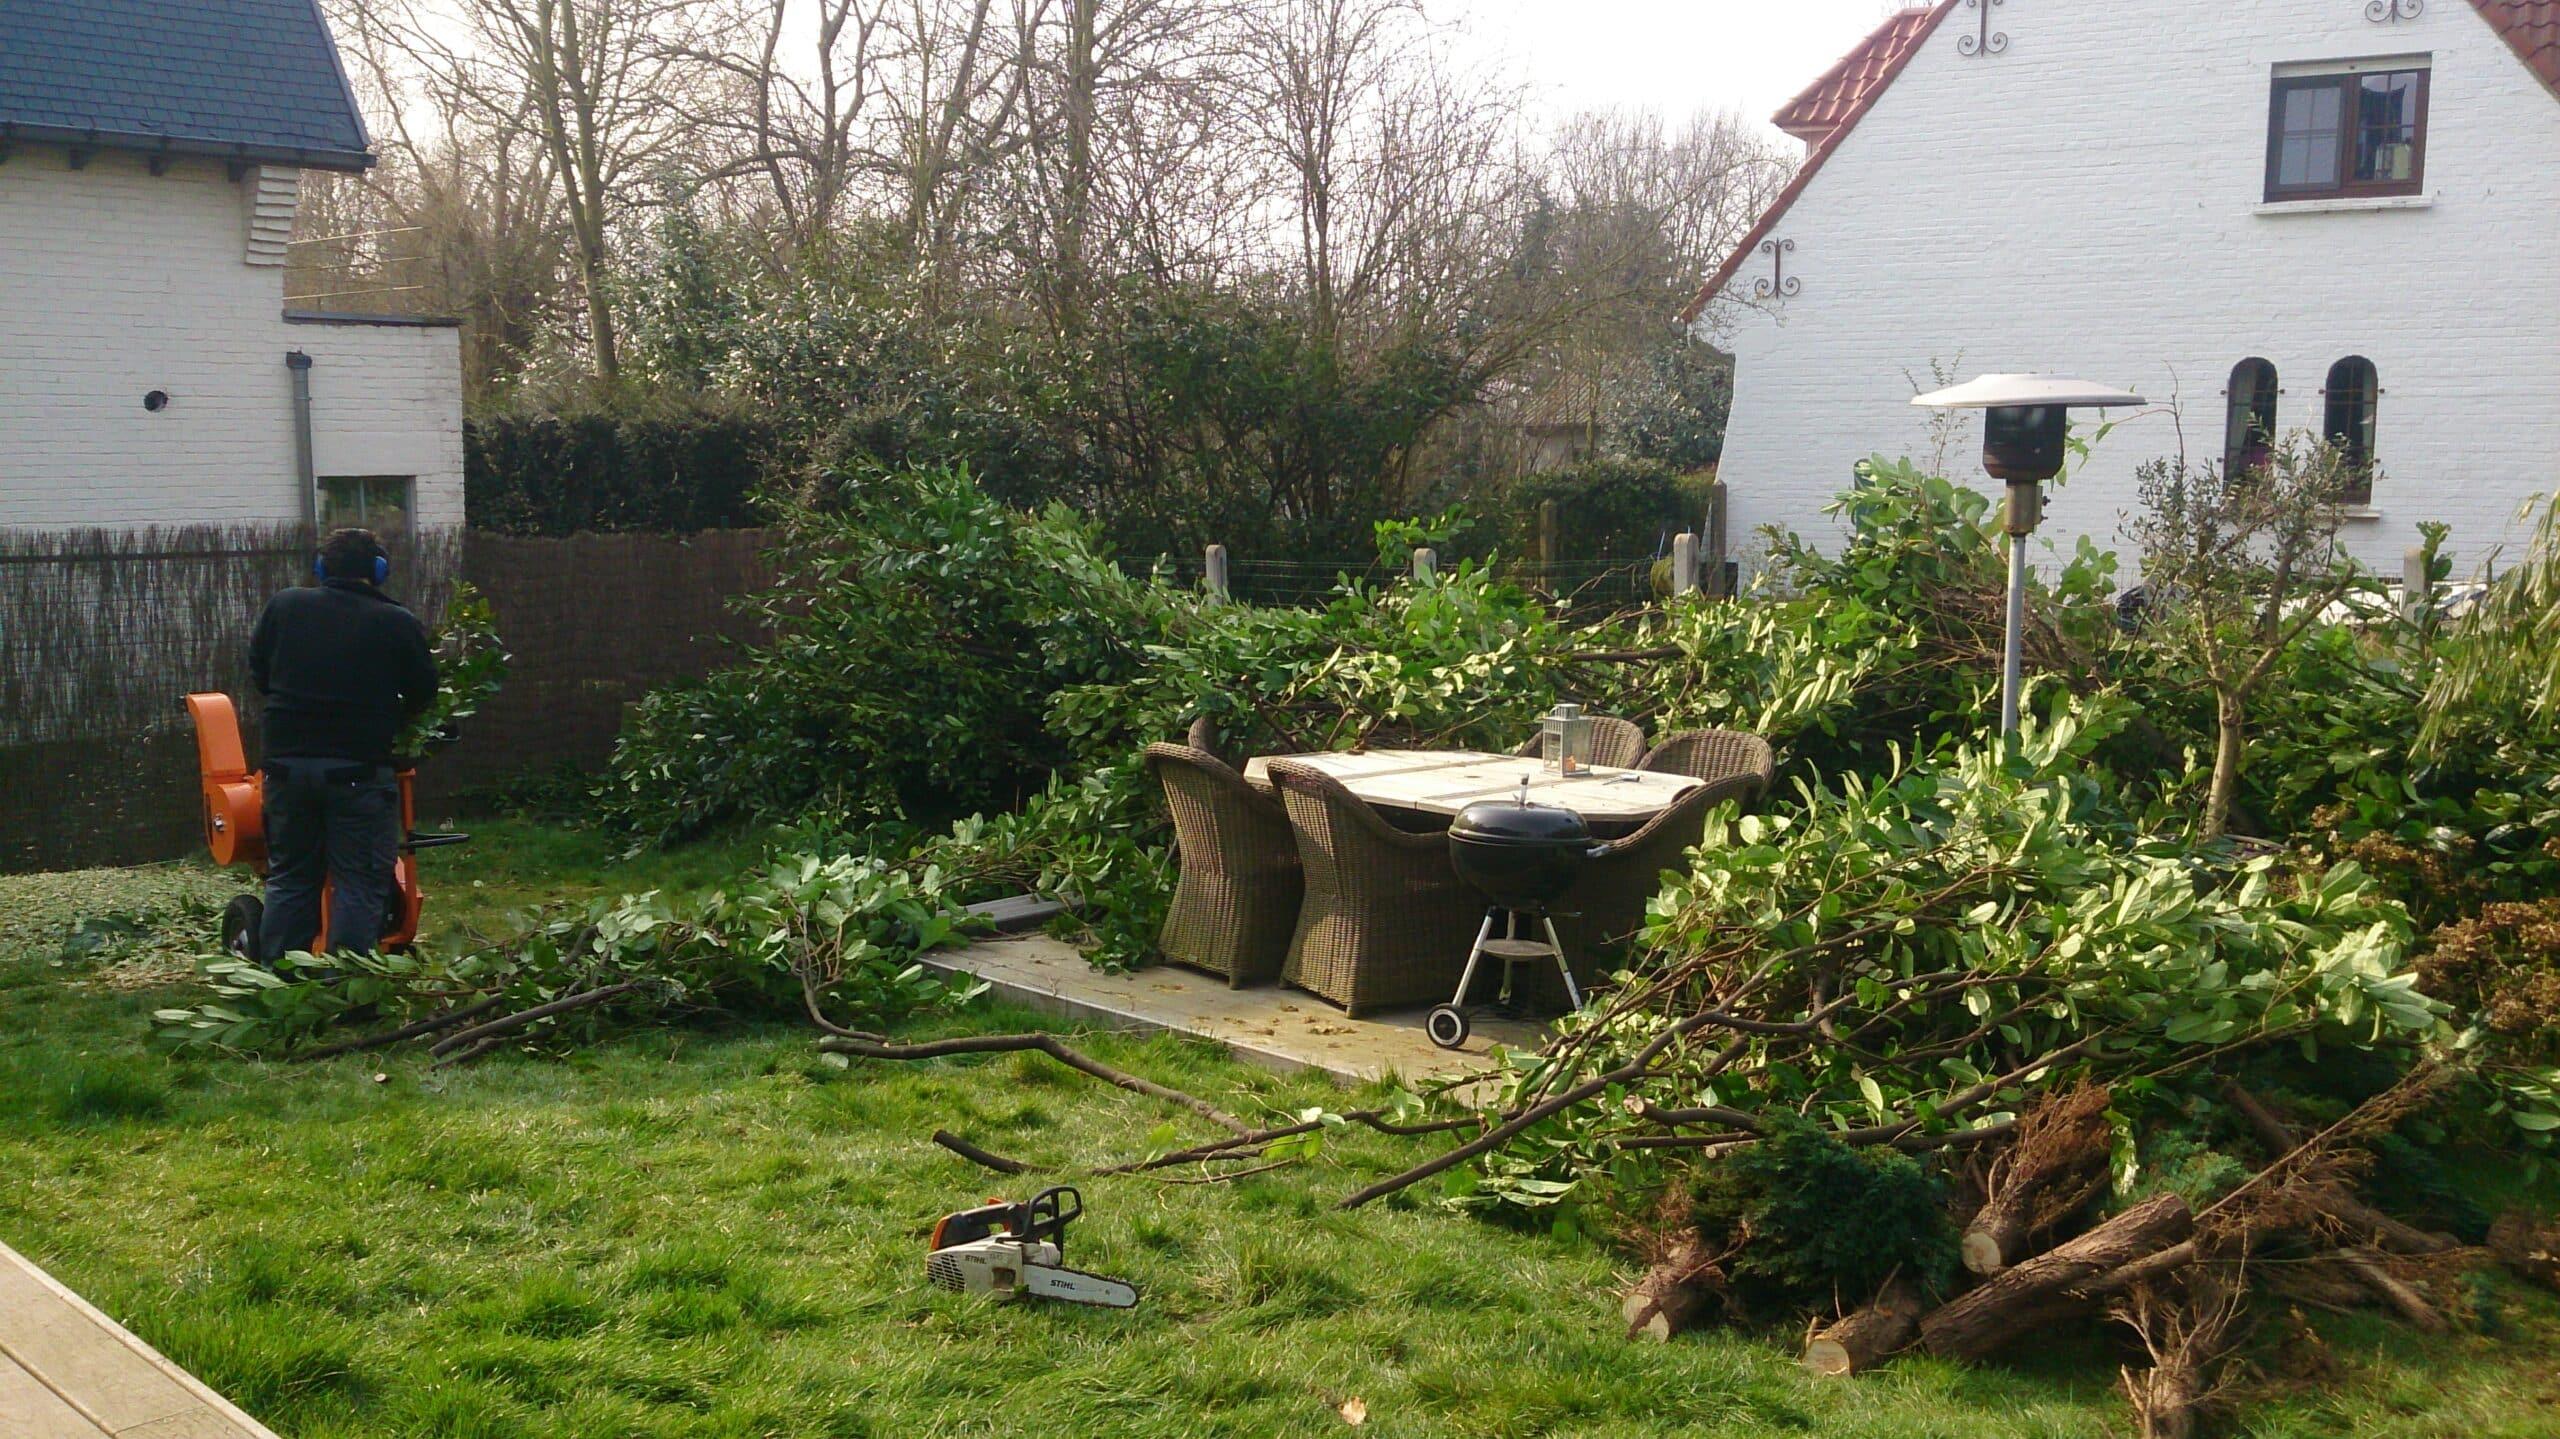 Terrasse archives plaisir vert jardinier paysagiste et for Jardinier paysagiste 71